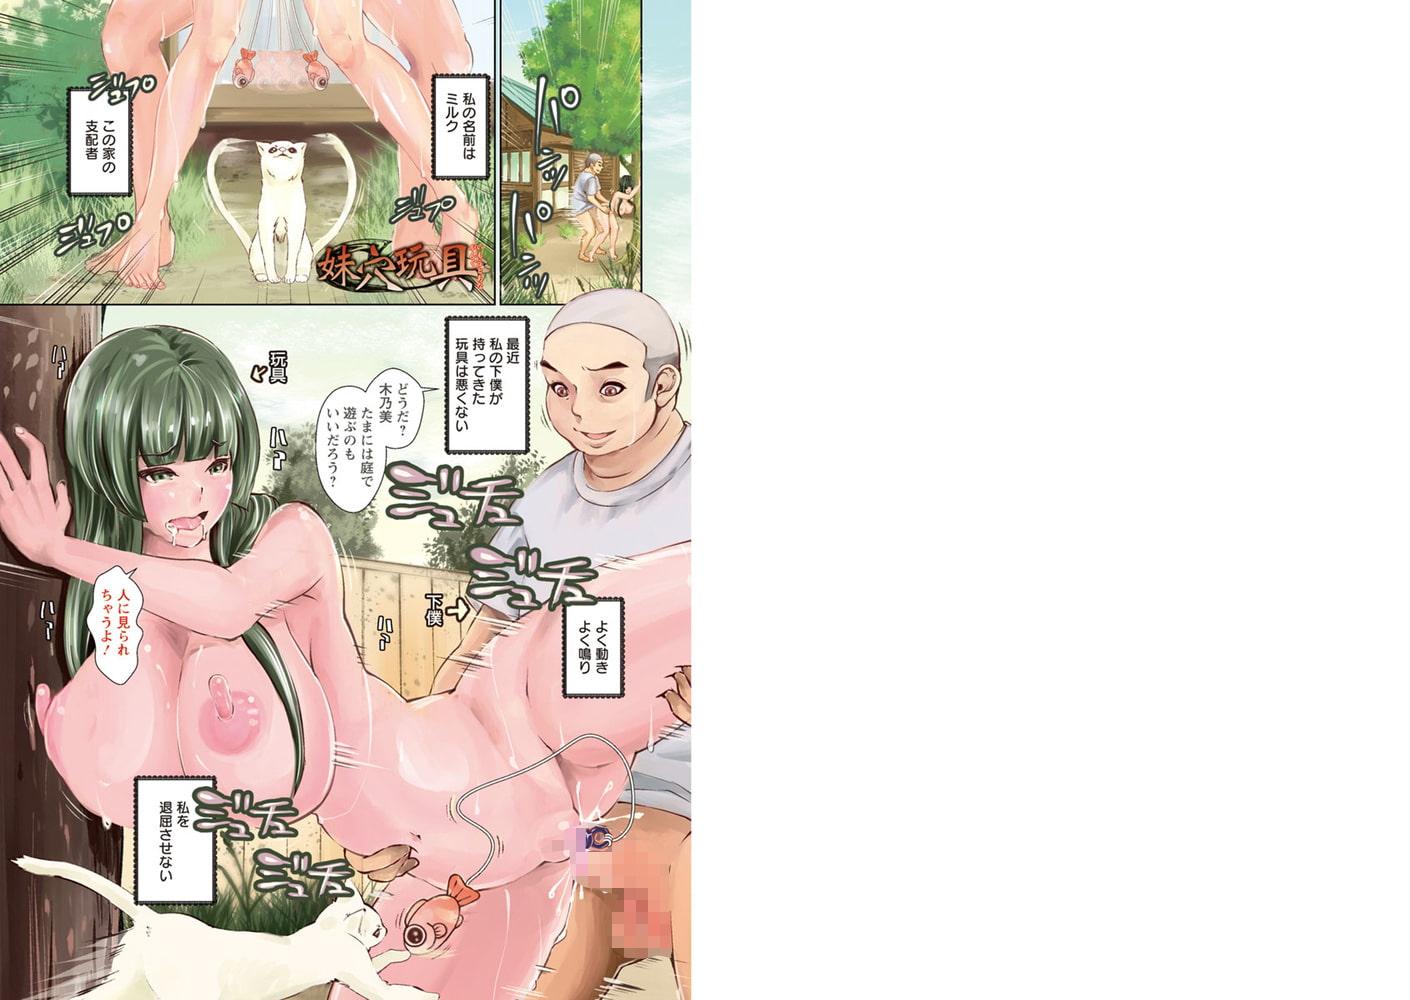 マゾ穴折檻 躾けられた女たちのサンプル画像1